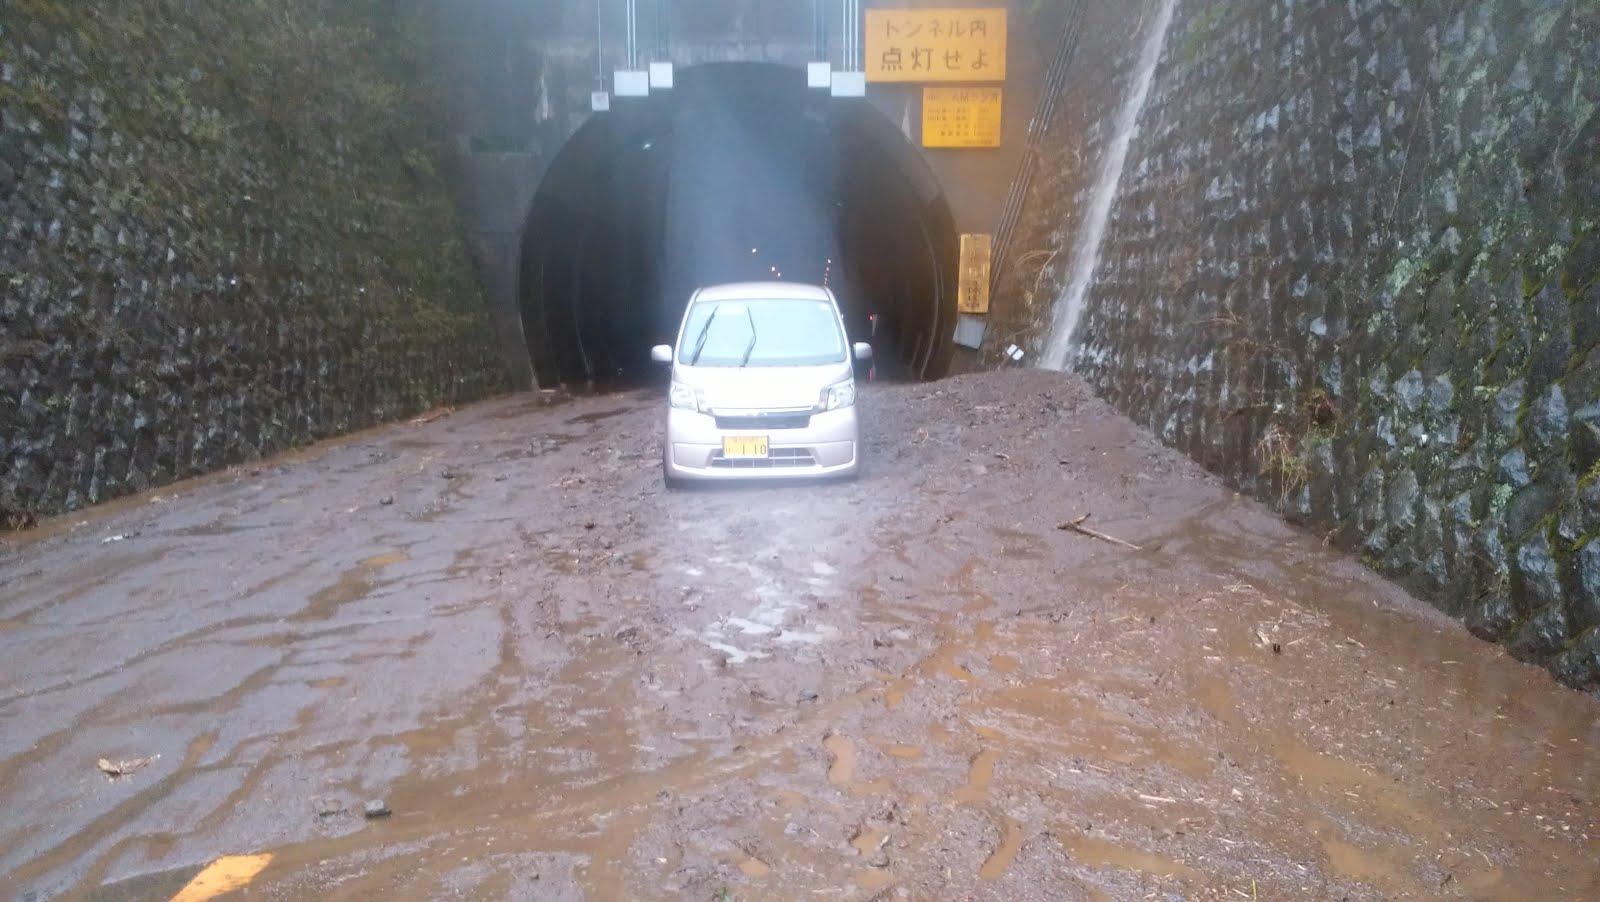 県の要請受け土砂を撤去】箱根・乙女トンネル土砂崩れ、復旧に山